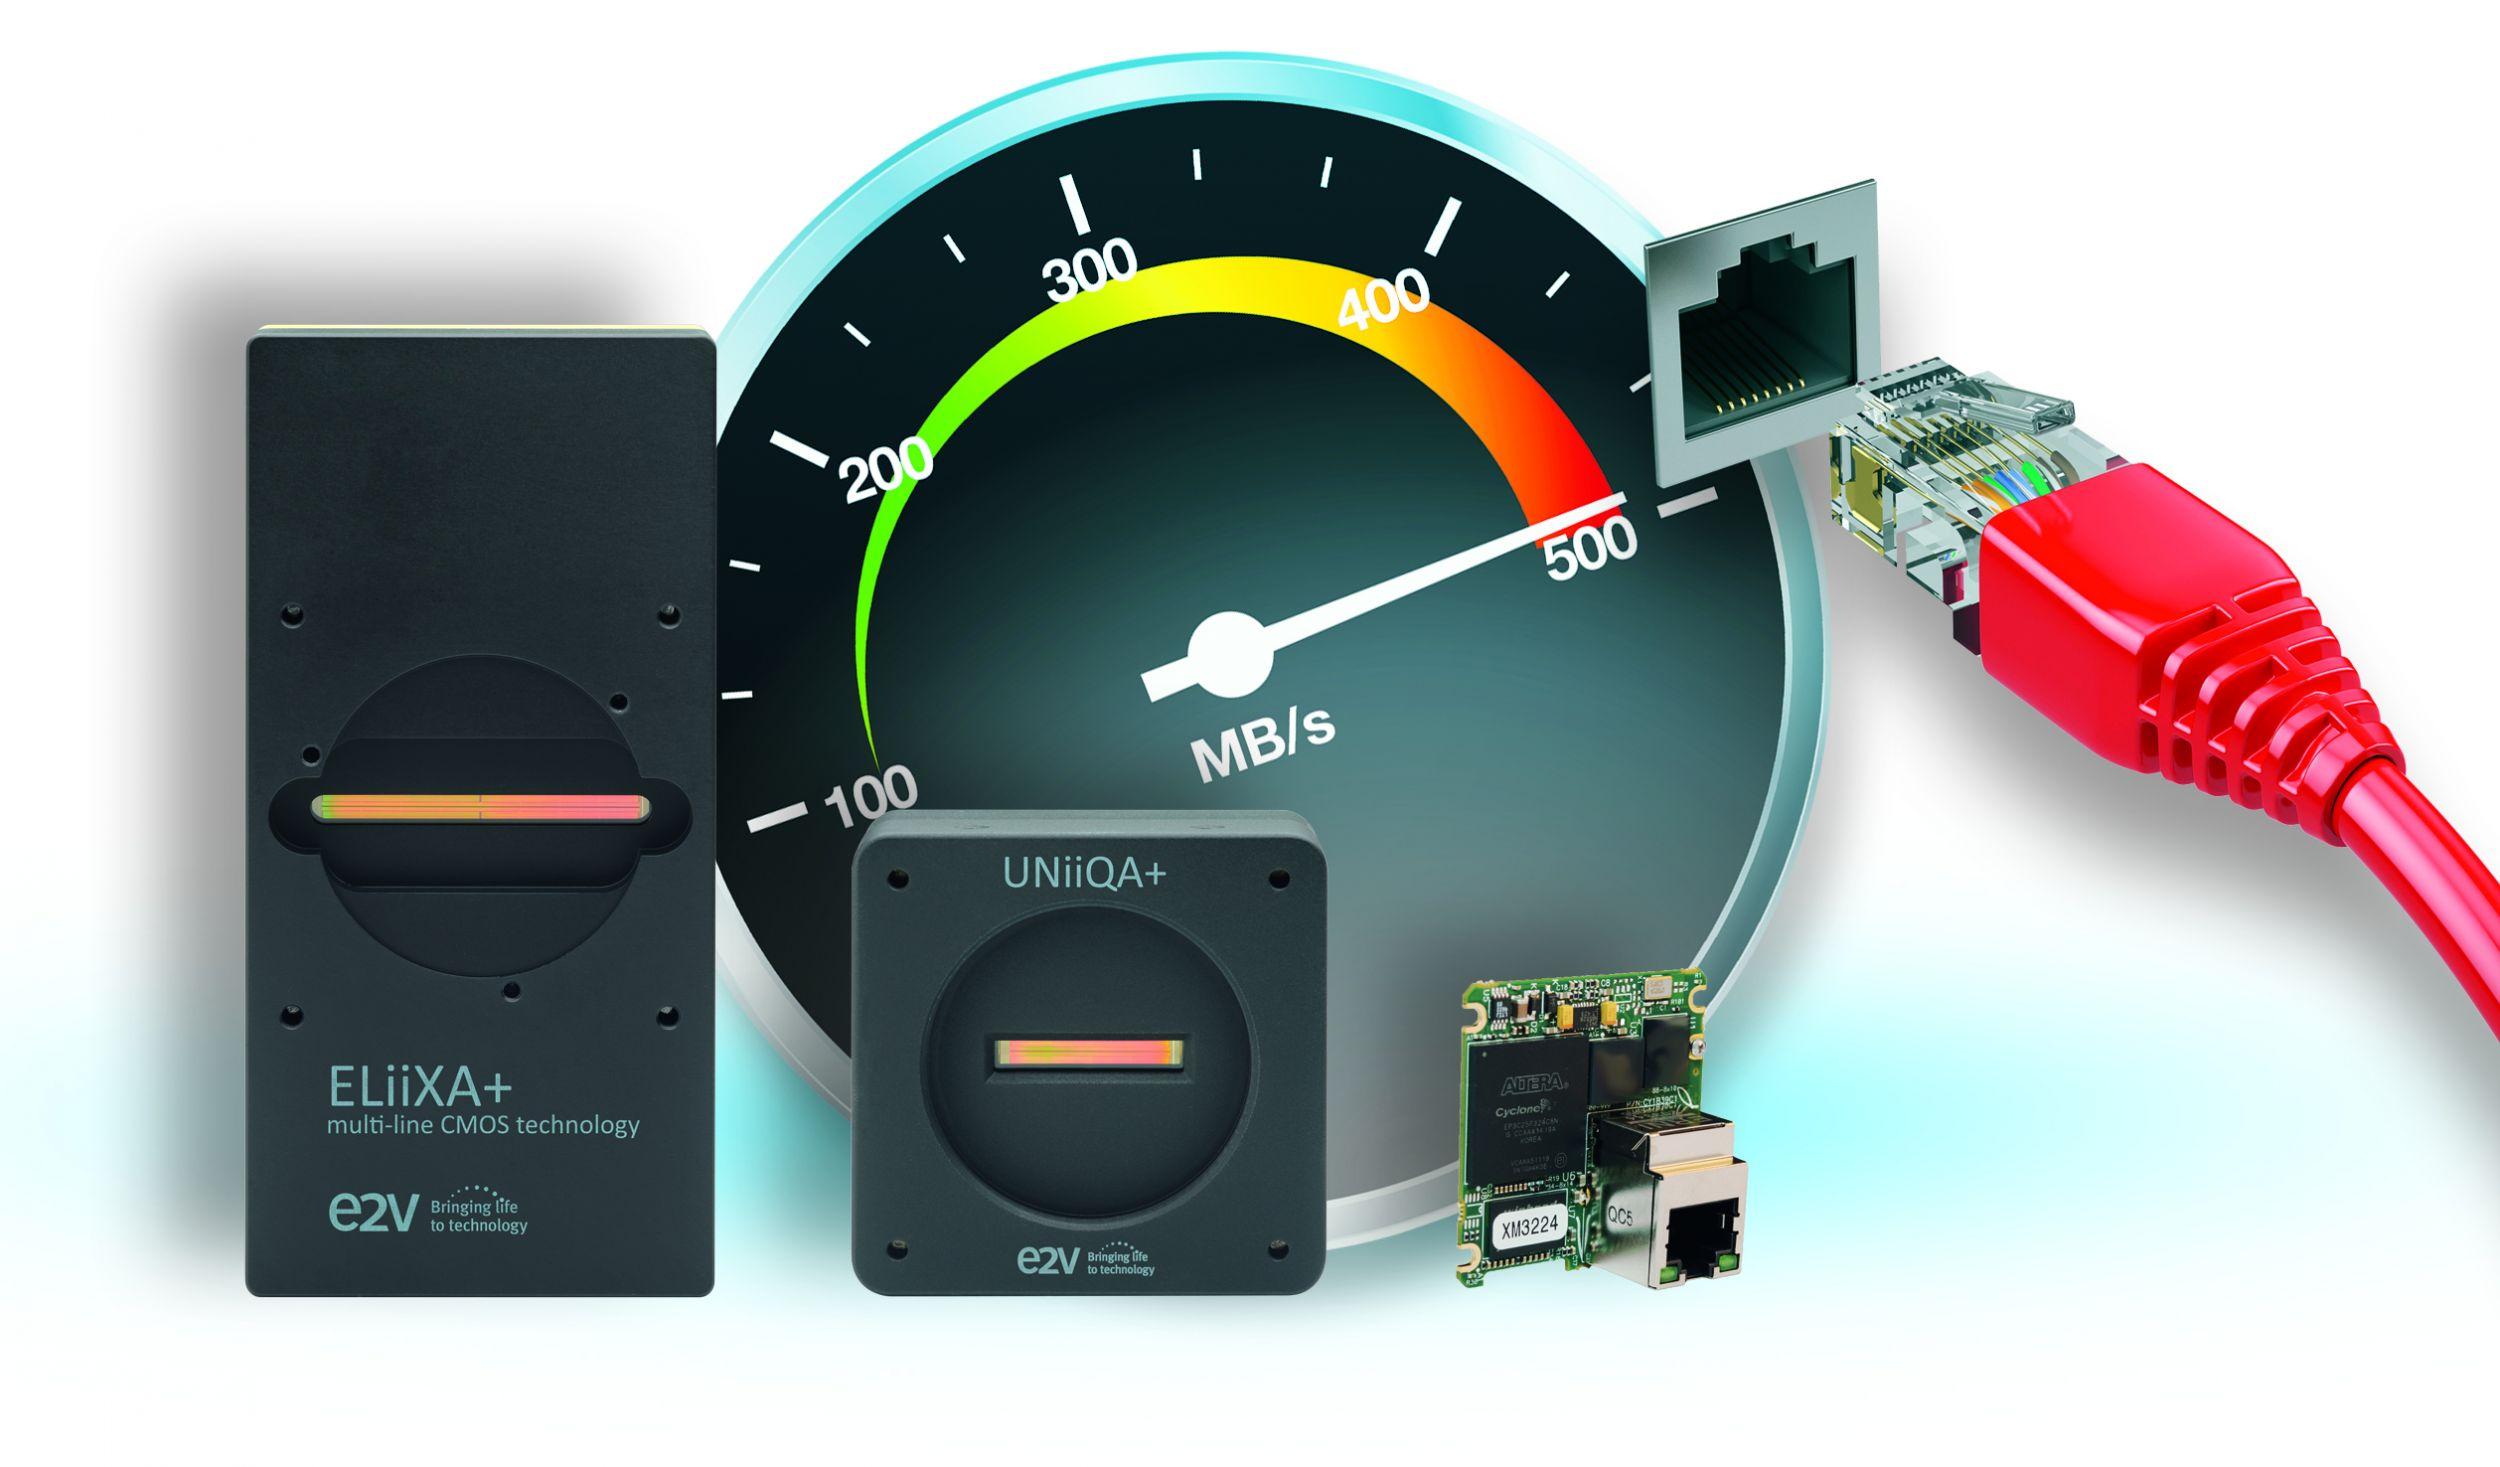 GigE Vision auf 5Gbps beschleunigen